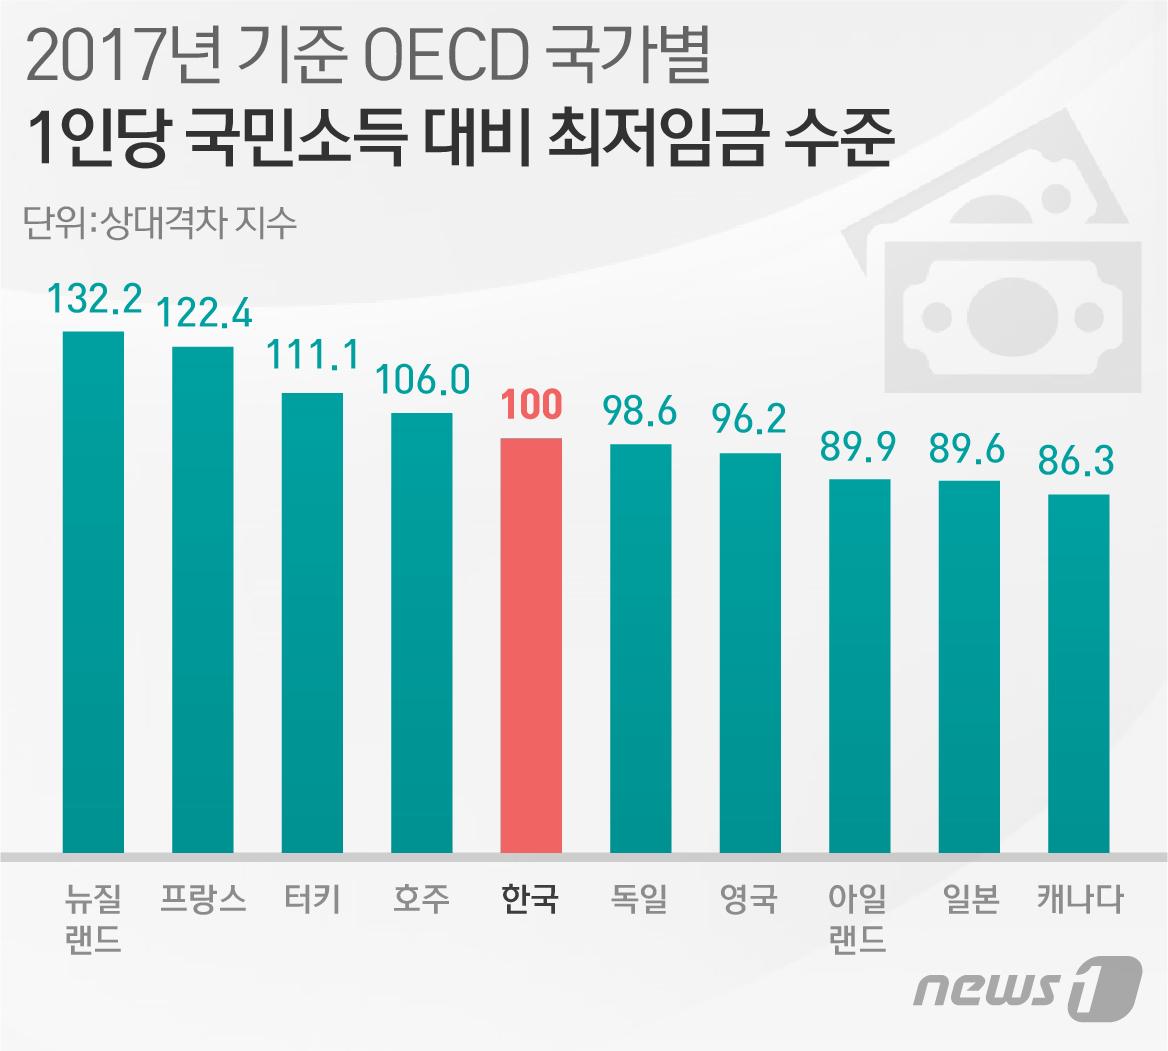 [단독]국민소득 대비 최저임금 이미 OECD 5위…내년 '3위'